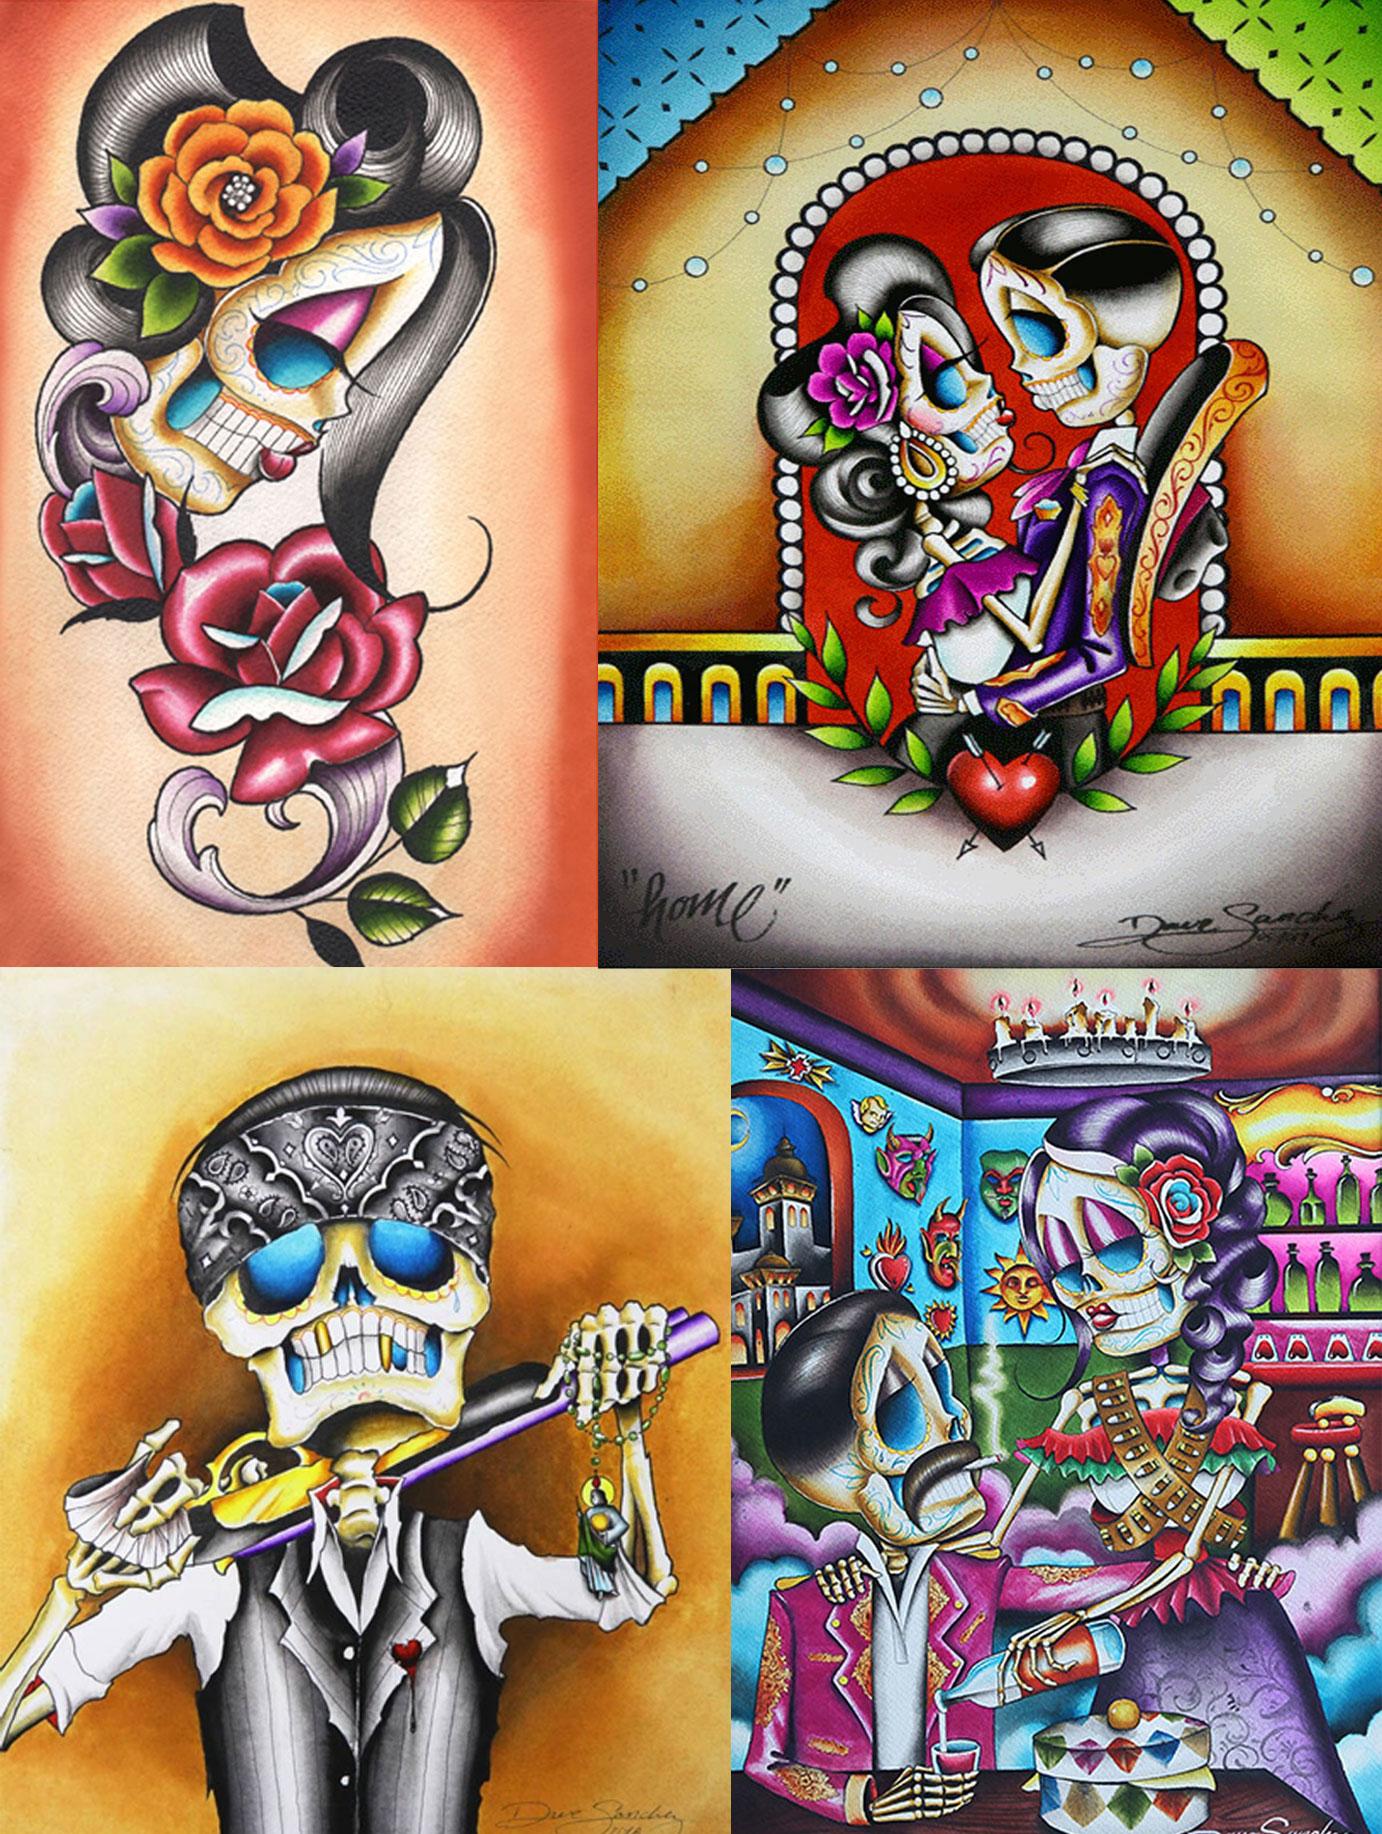 Tattoo Artist Dave Sanchez Best Known For His Dia De Los